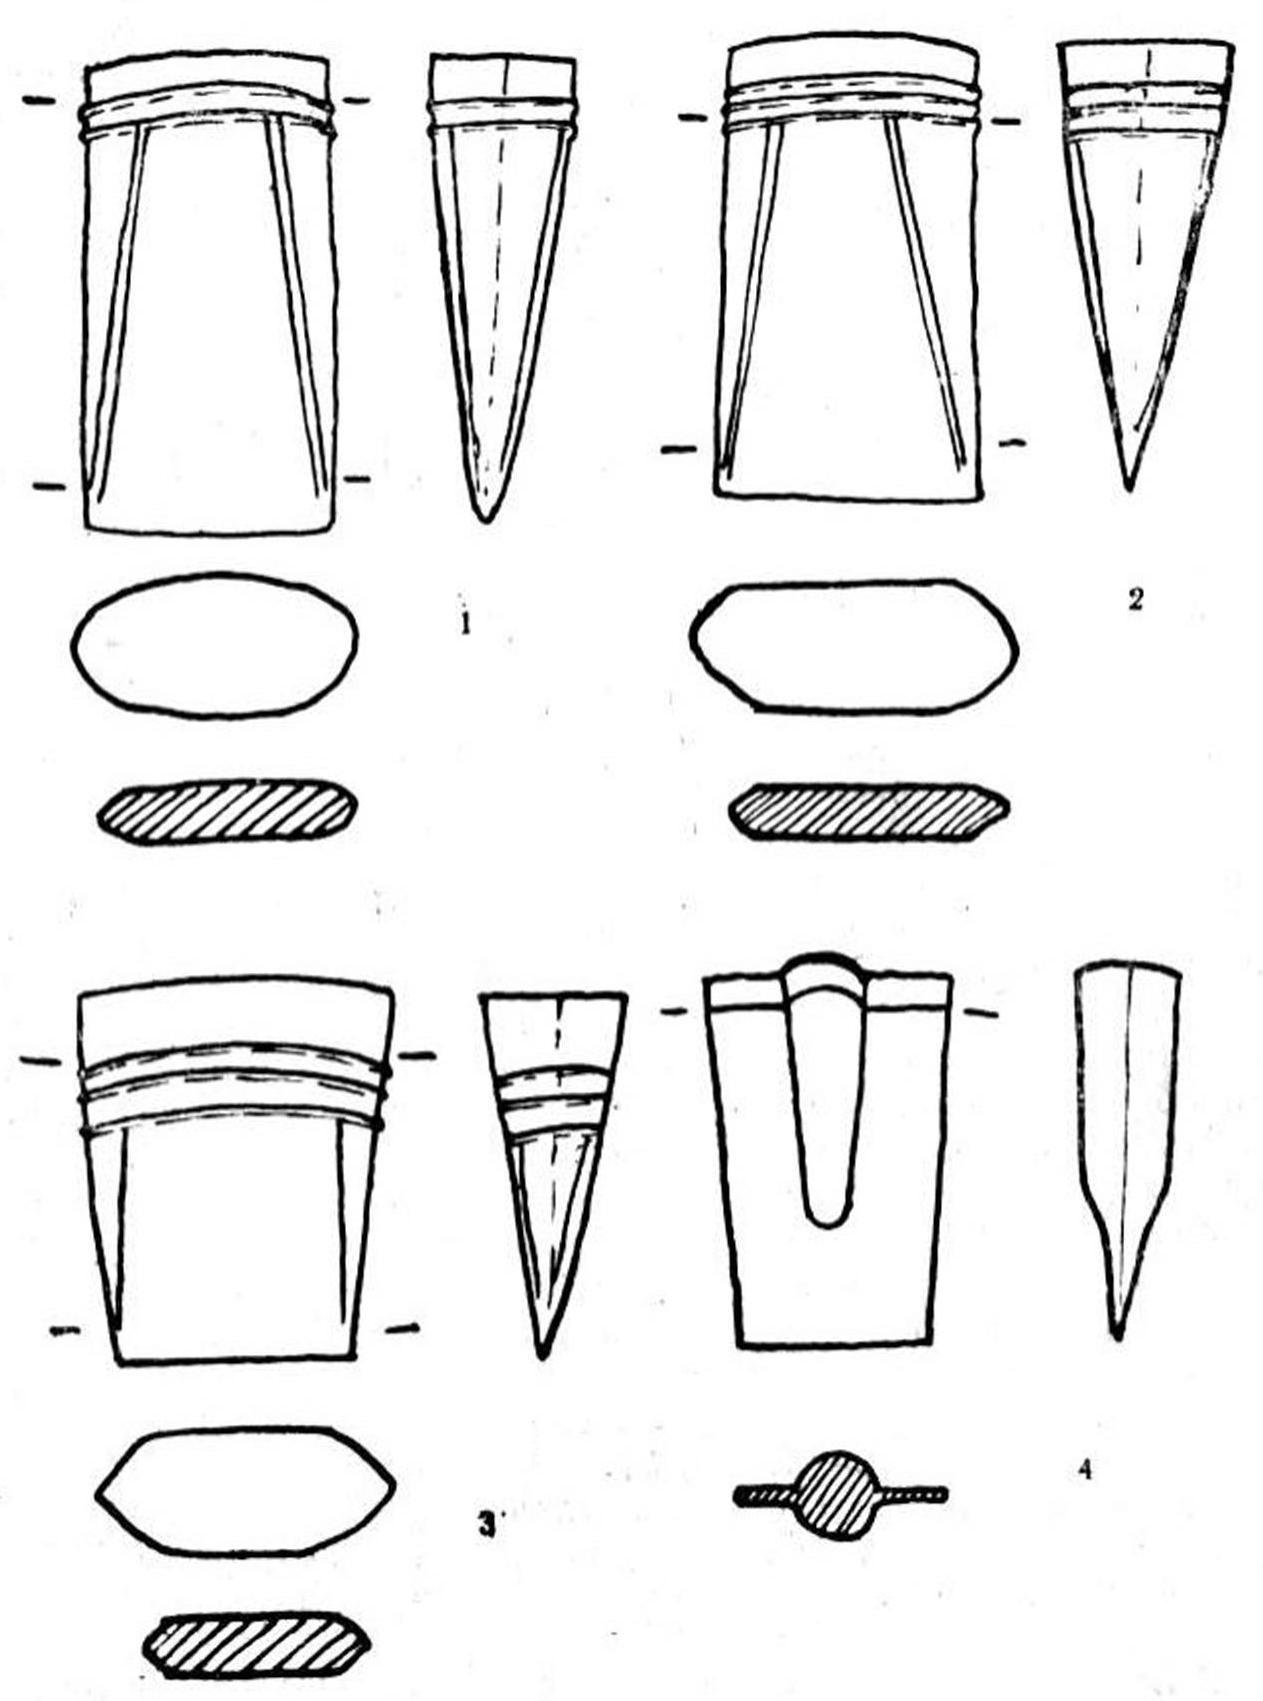 Рис 16. Кельты турбинского типа (1—3) и лопата-кельт (4) с поселения Самусь IV (отливки, сделанные по формам).